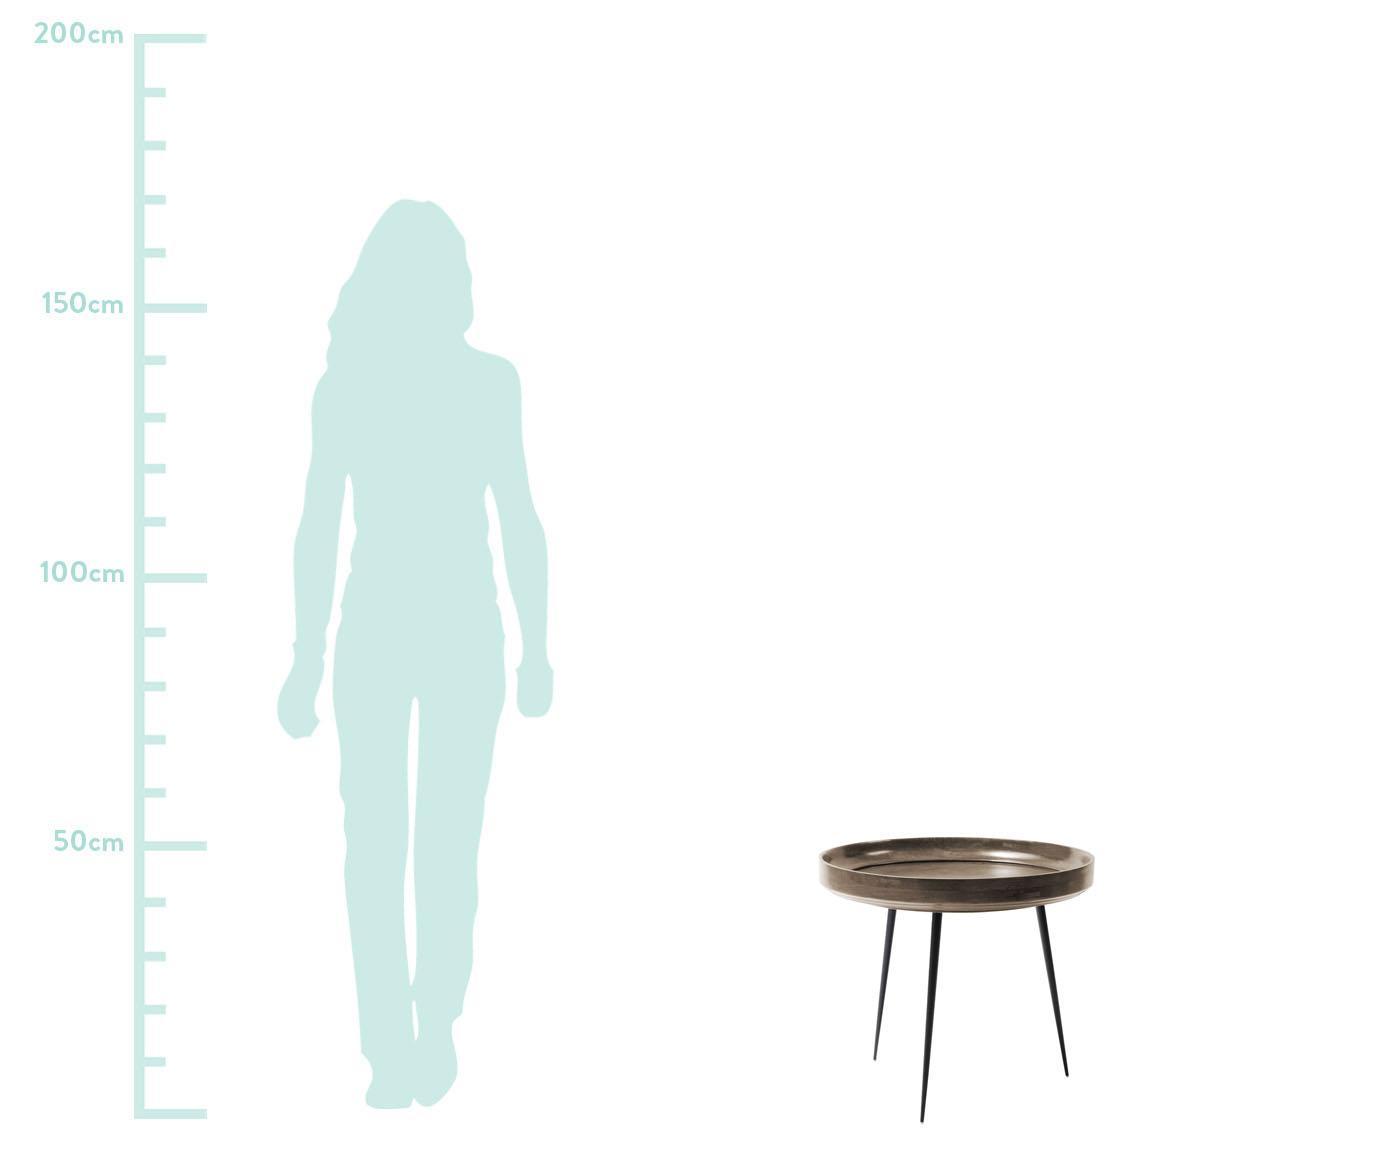 Kleiner Design-Beistelltisch Bowl Table aus Mangoholz, Tischplatte: Mangoholz, gebeizt und la, Beine: Stahl, pulverbeschichtet, Graubraun, Schwarz, Ø 53 x H 46 cm